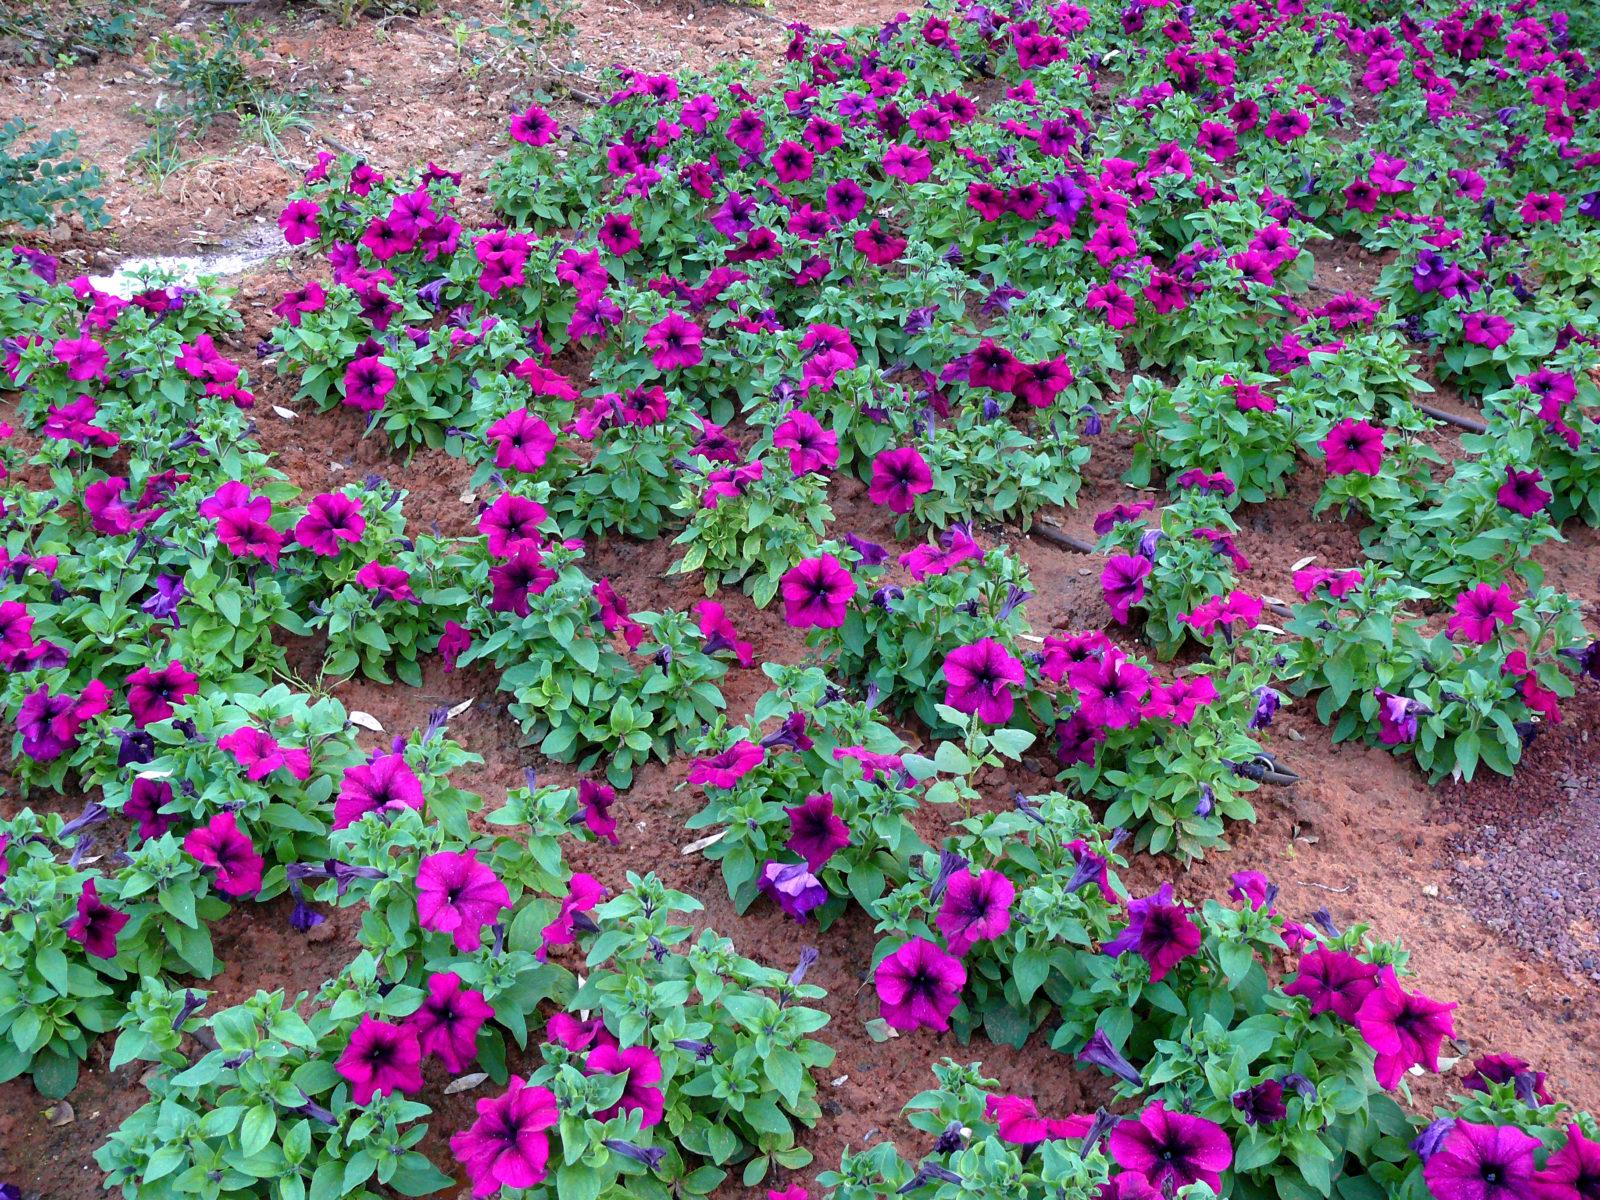 Lieblings Petunien aus Samen oder durch Stecklinge vermehren - Plantura &RP_19